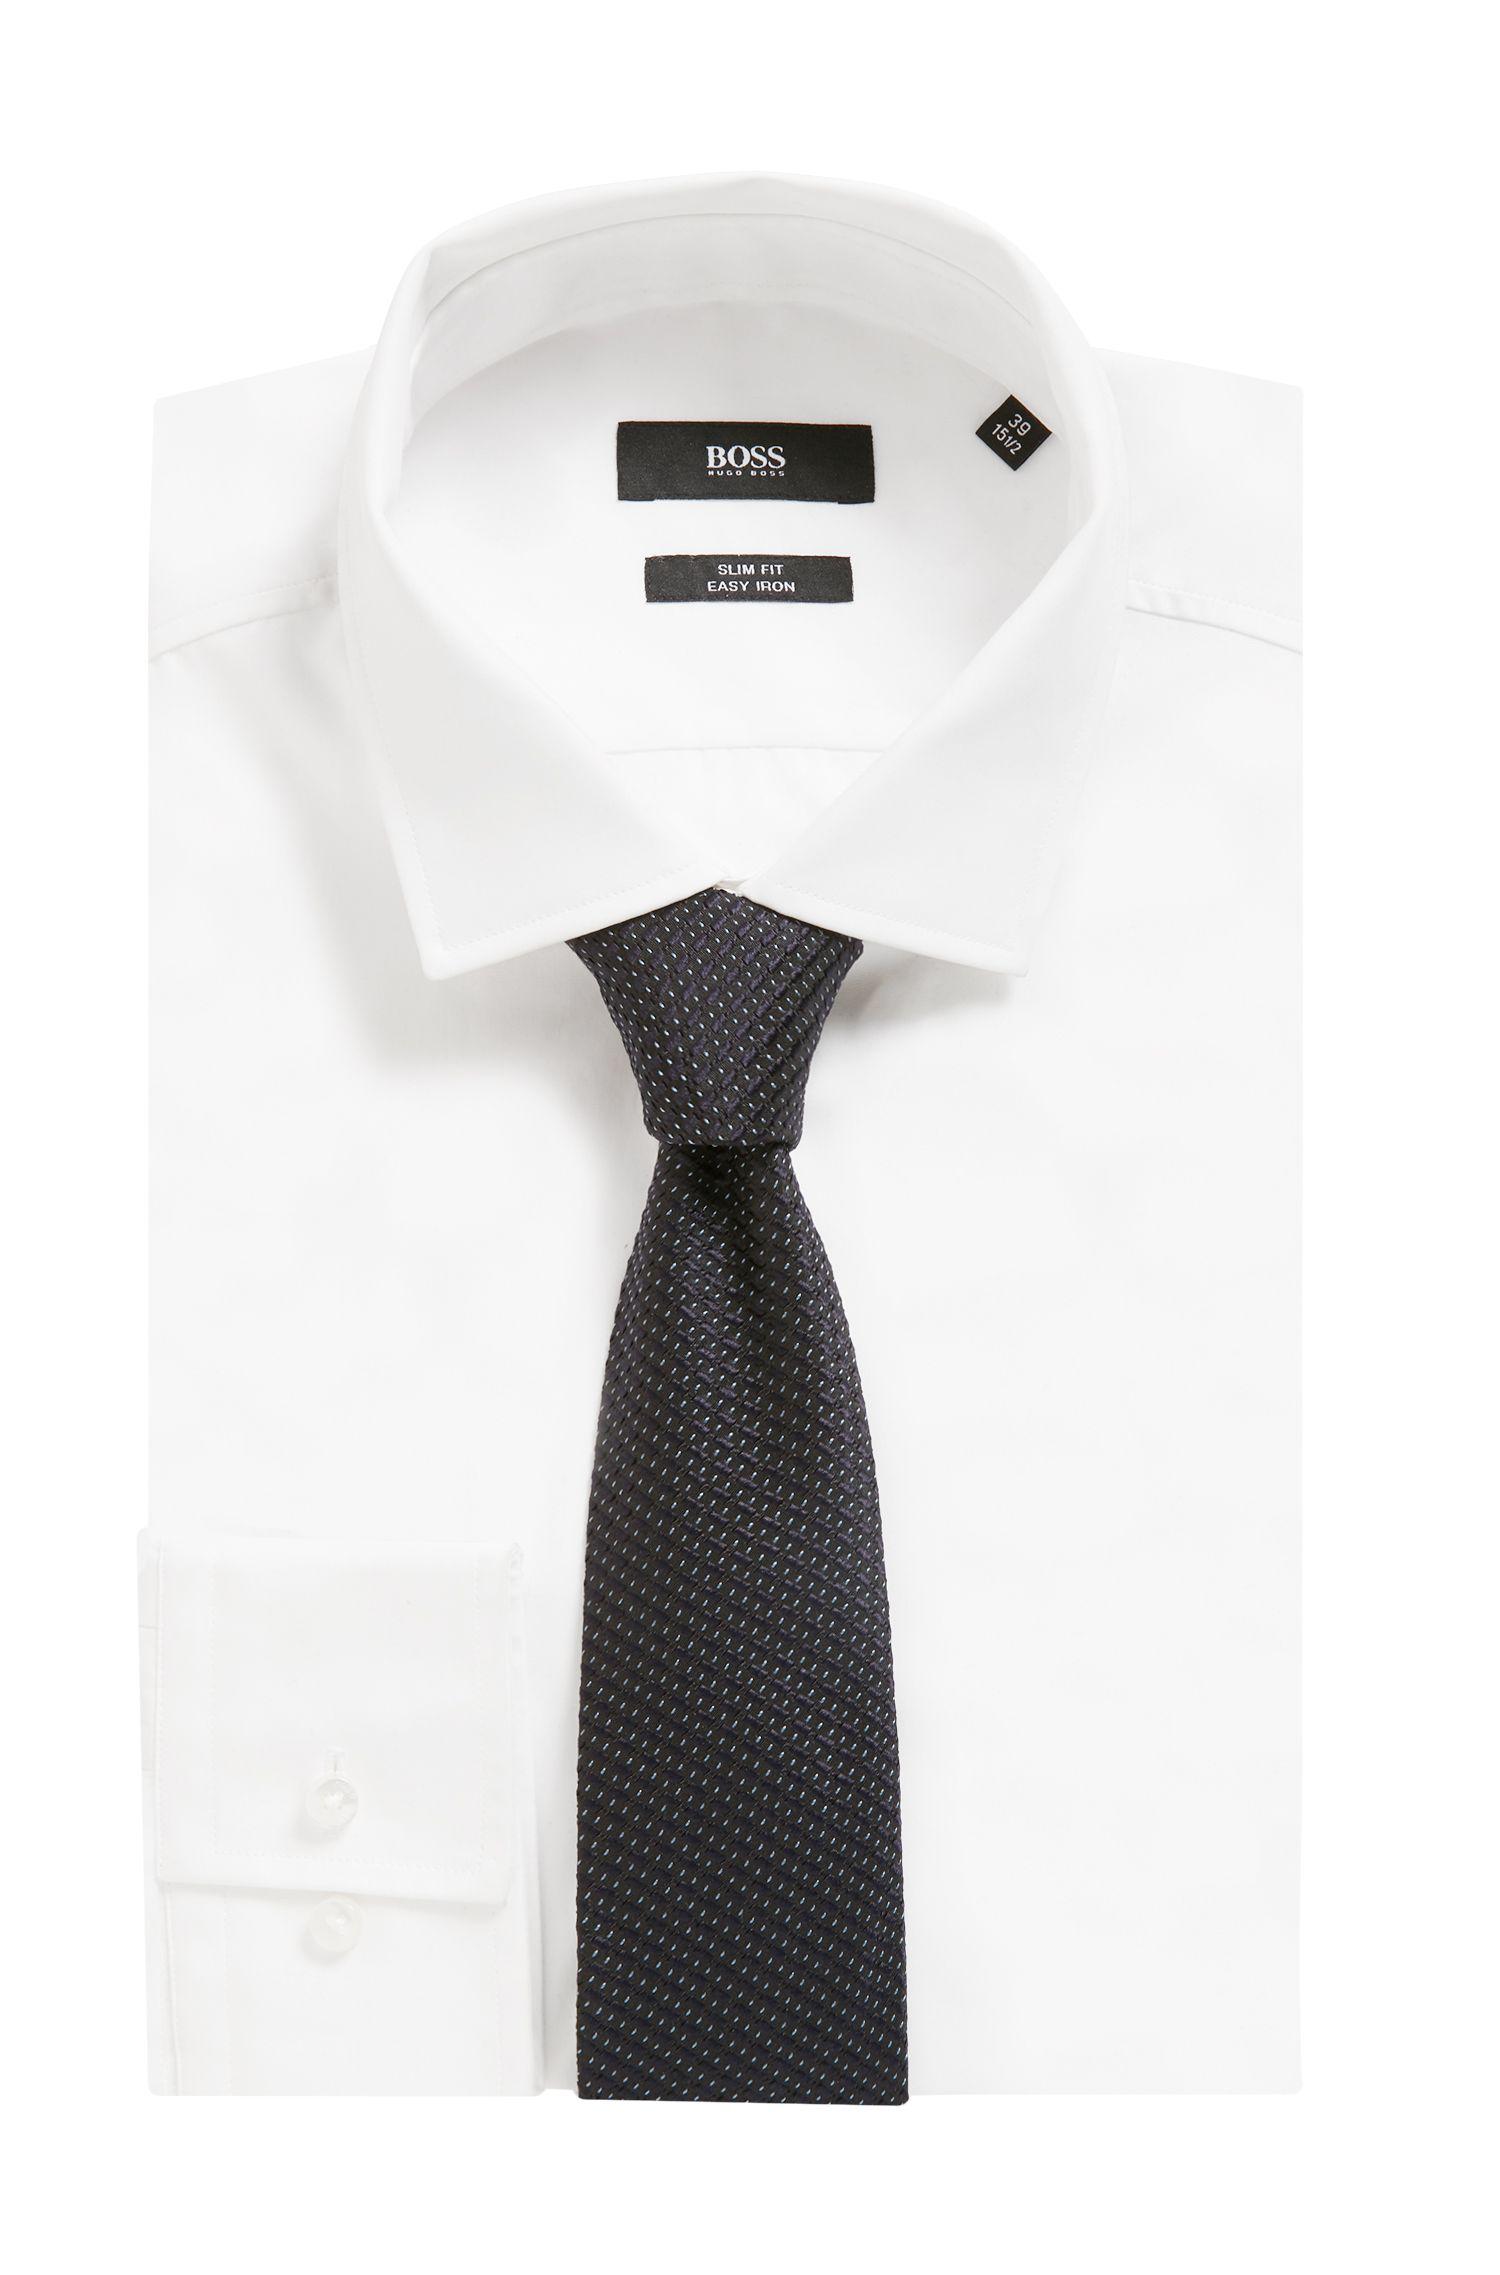 Cravate en soie à micro-motif confectionnée à la main en Italie, Fantaisie